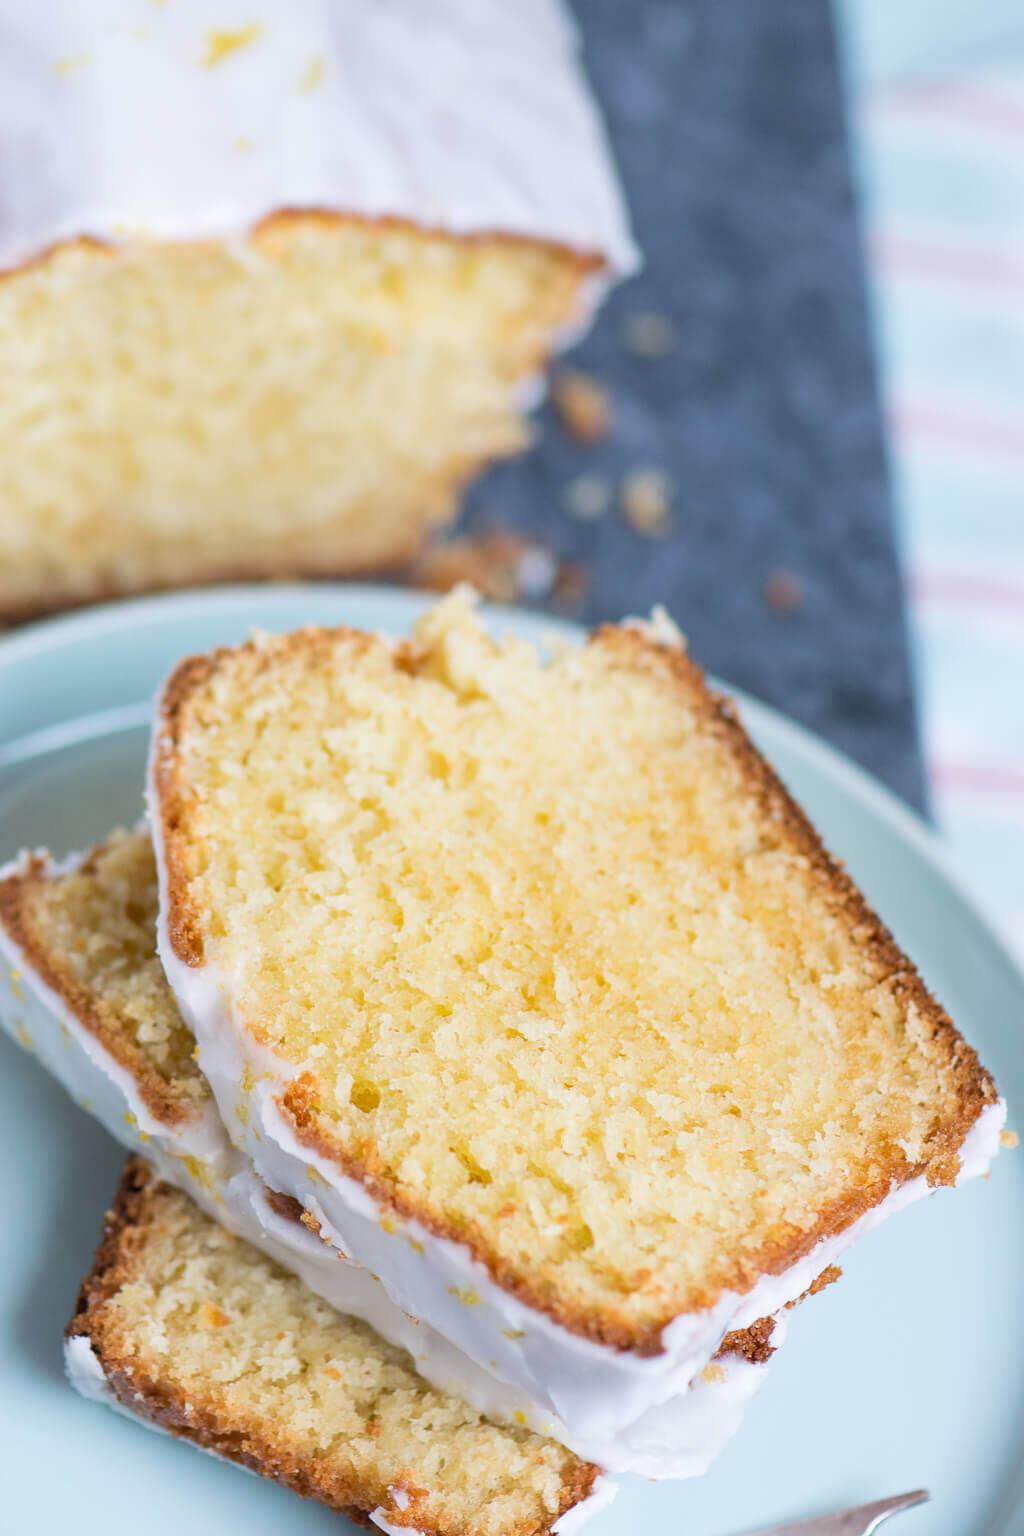 So Muss Er Schmecken Fluffiger Zitronen Mascarpone Joghurt Kuchen